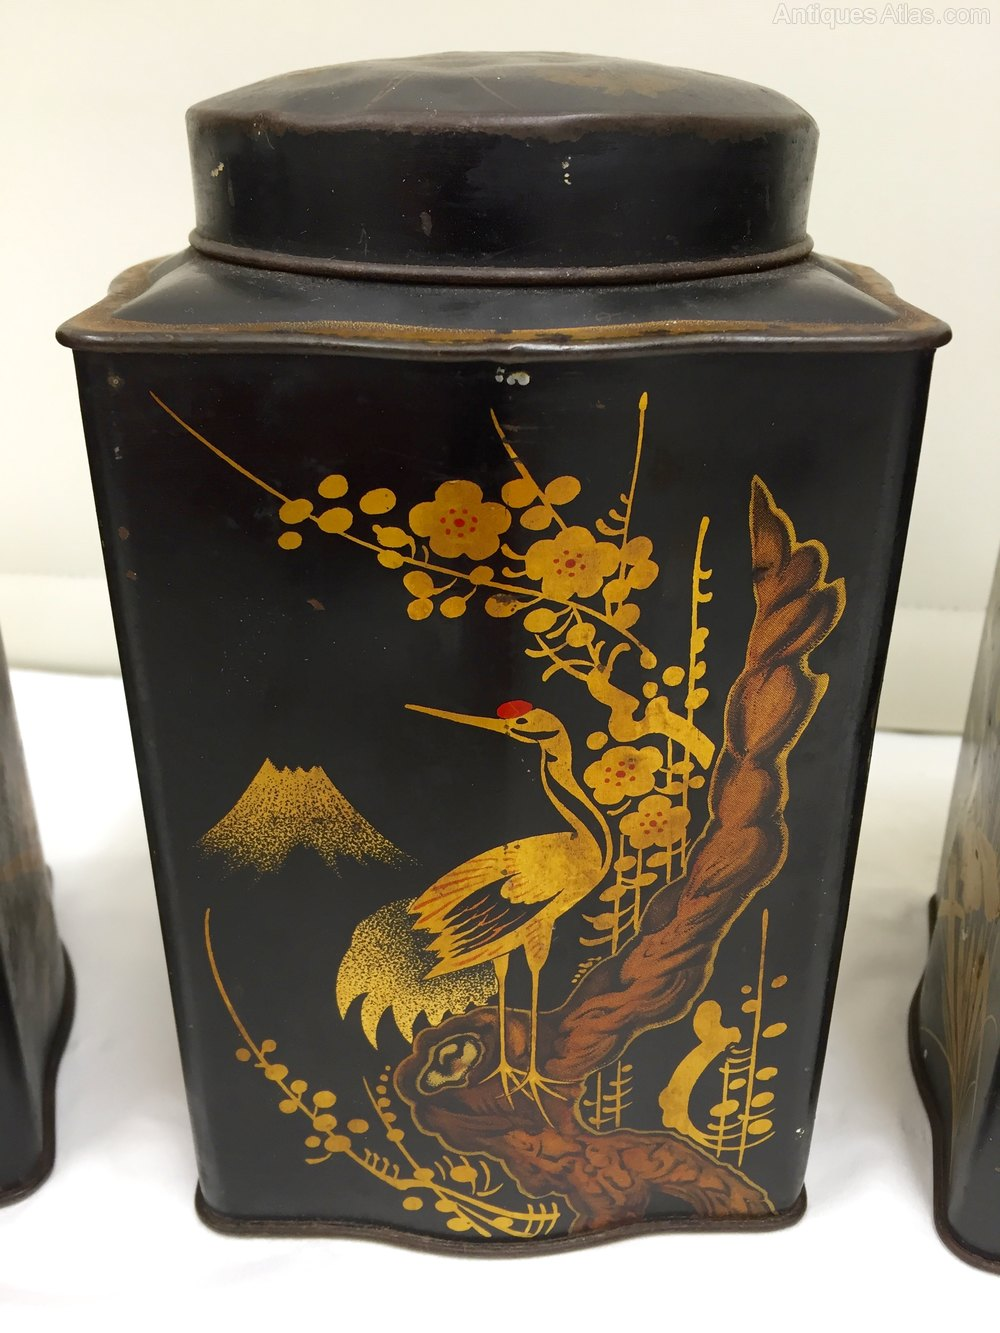 Exotic Birds For Sale >> Antiques Atlas - Set 3 Antique Tea Tins